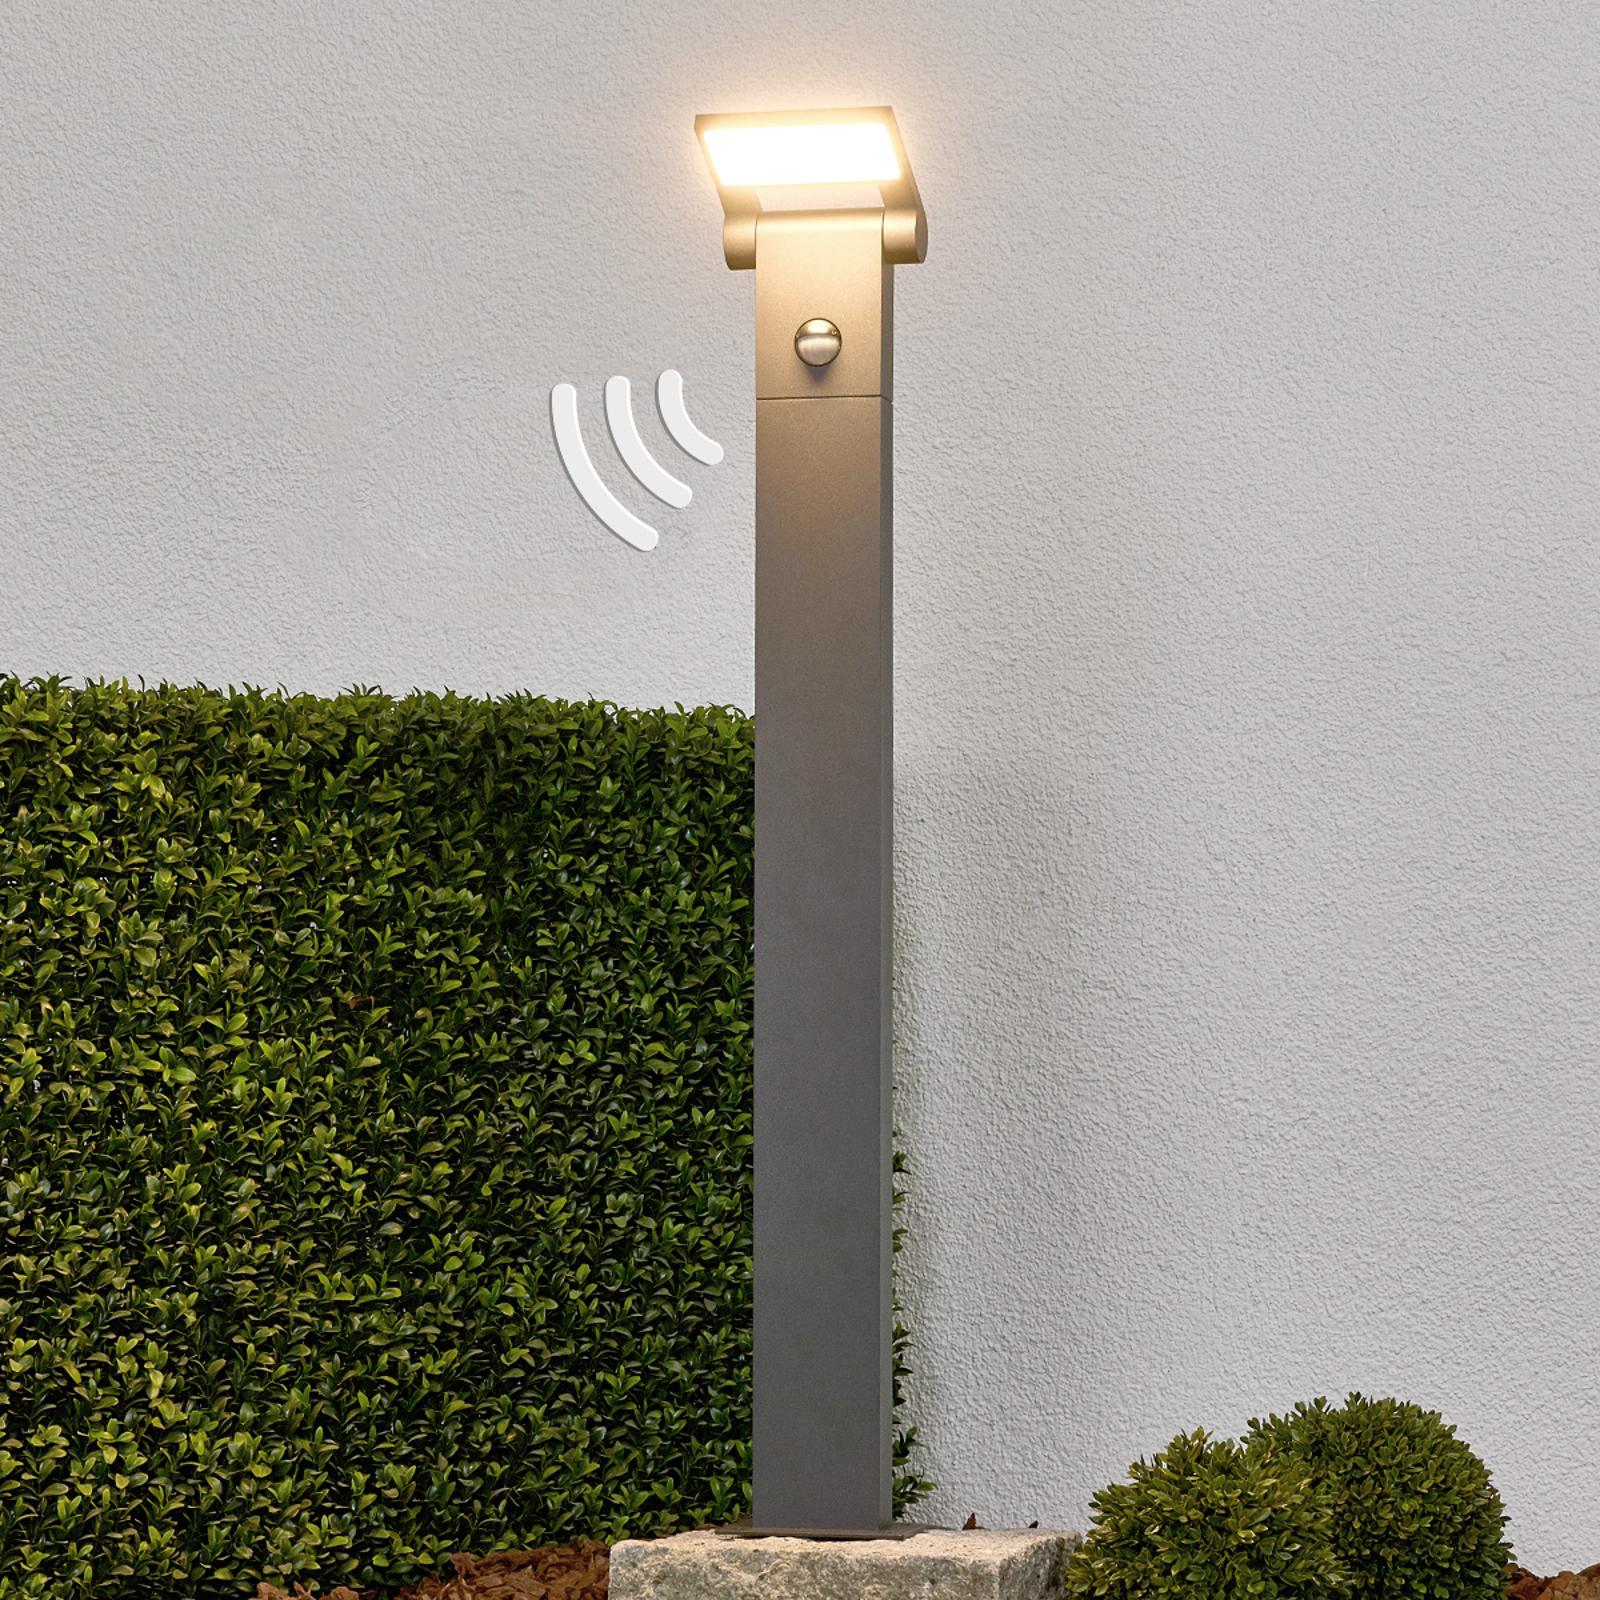 LED-Pollerlampe Marius mit Sensor, 80 cm